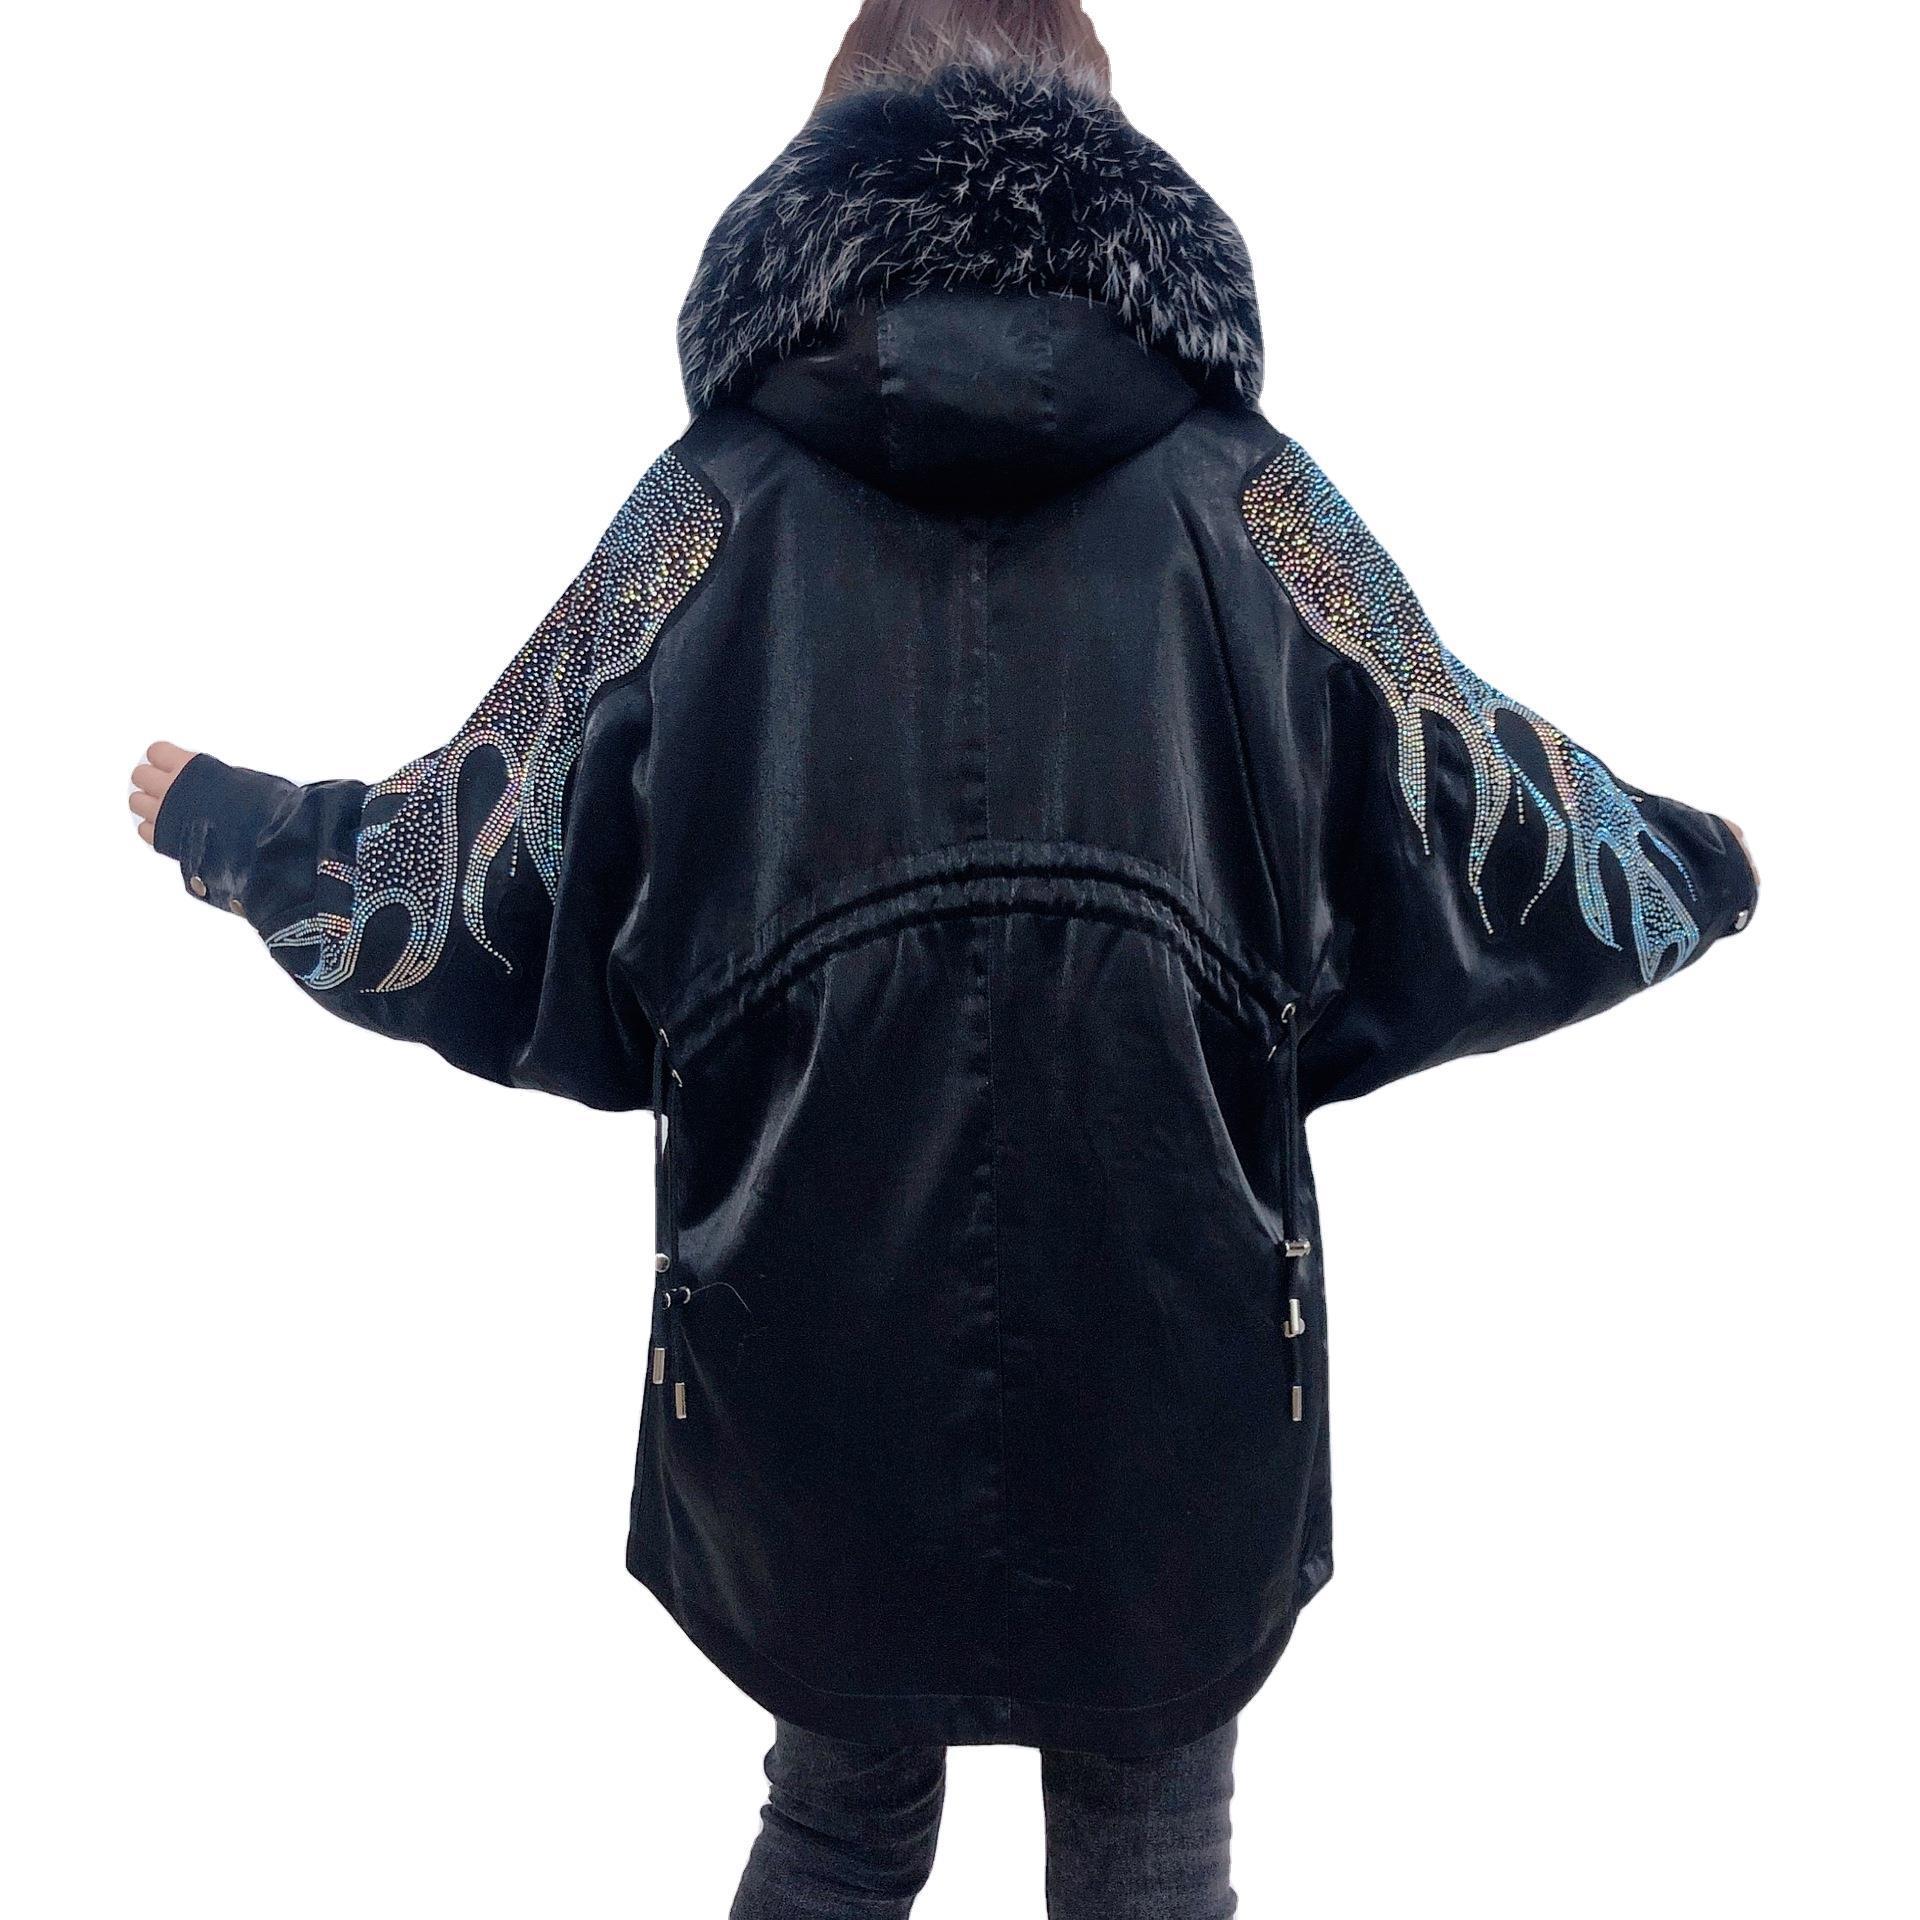 派克服女现货品质款2020秋季OL气质韩版女装长袖连帽皮草工厂批发